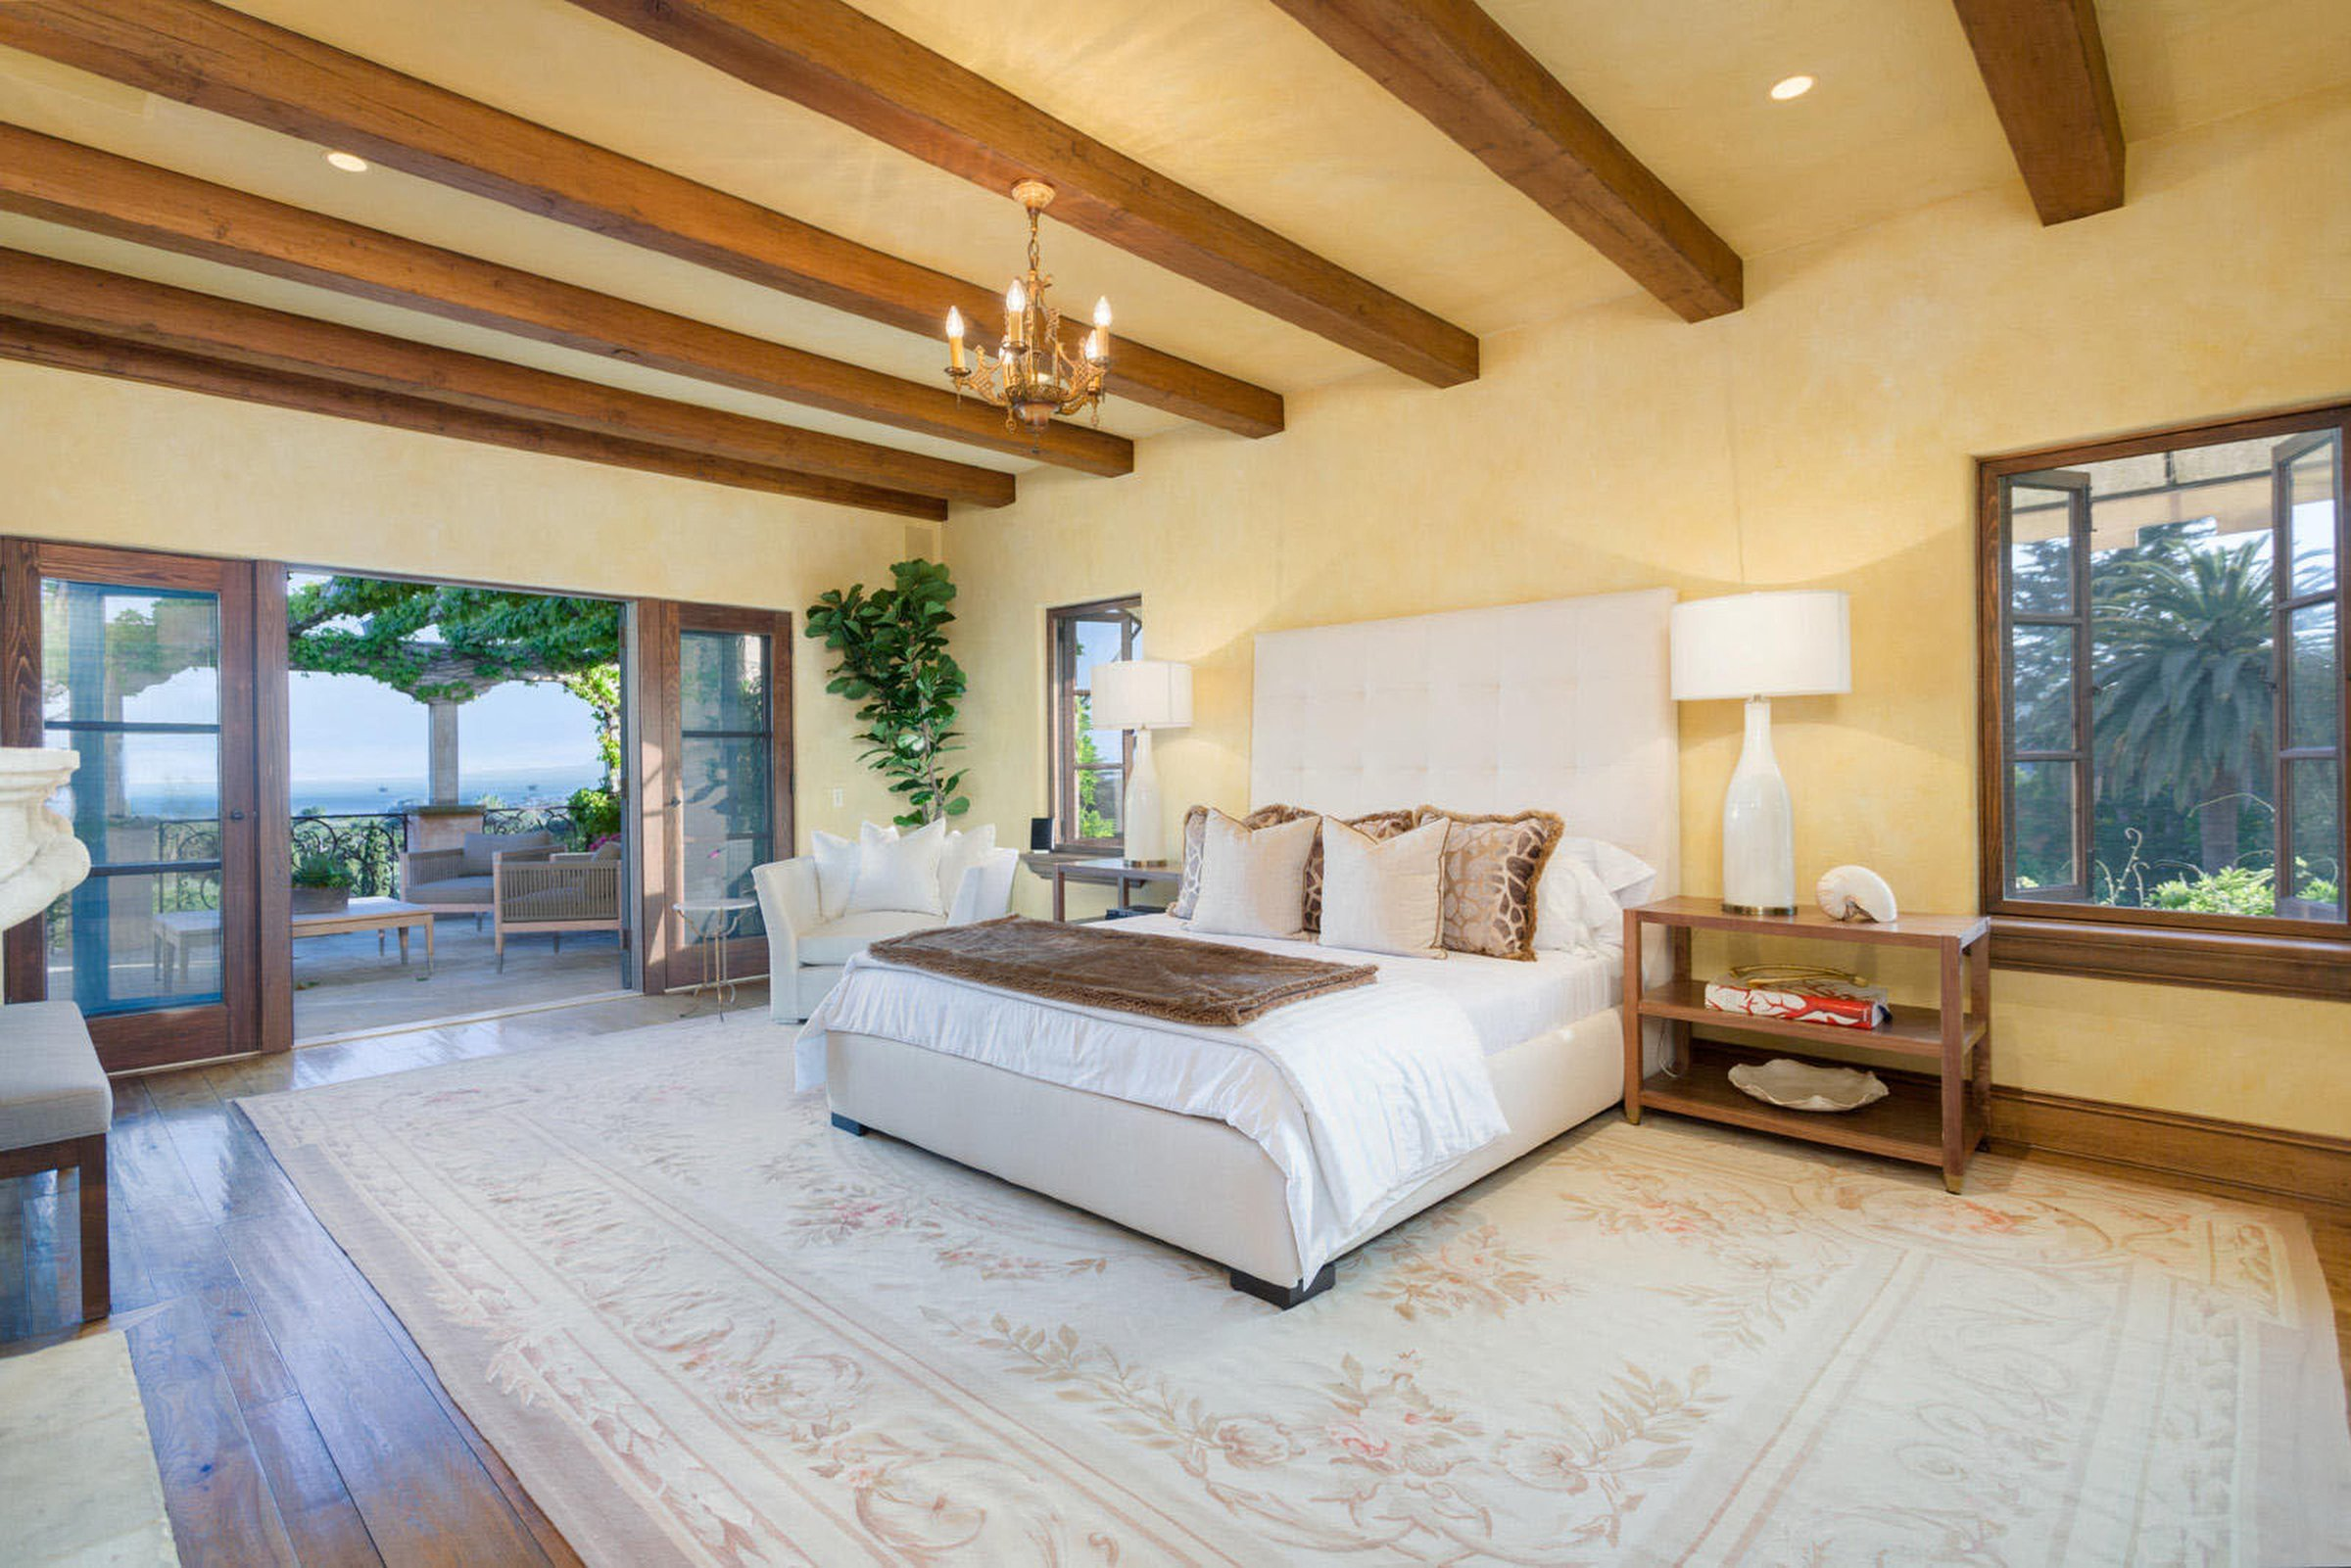 особняк дом принца Гарри и Меган Маркл